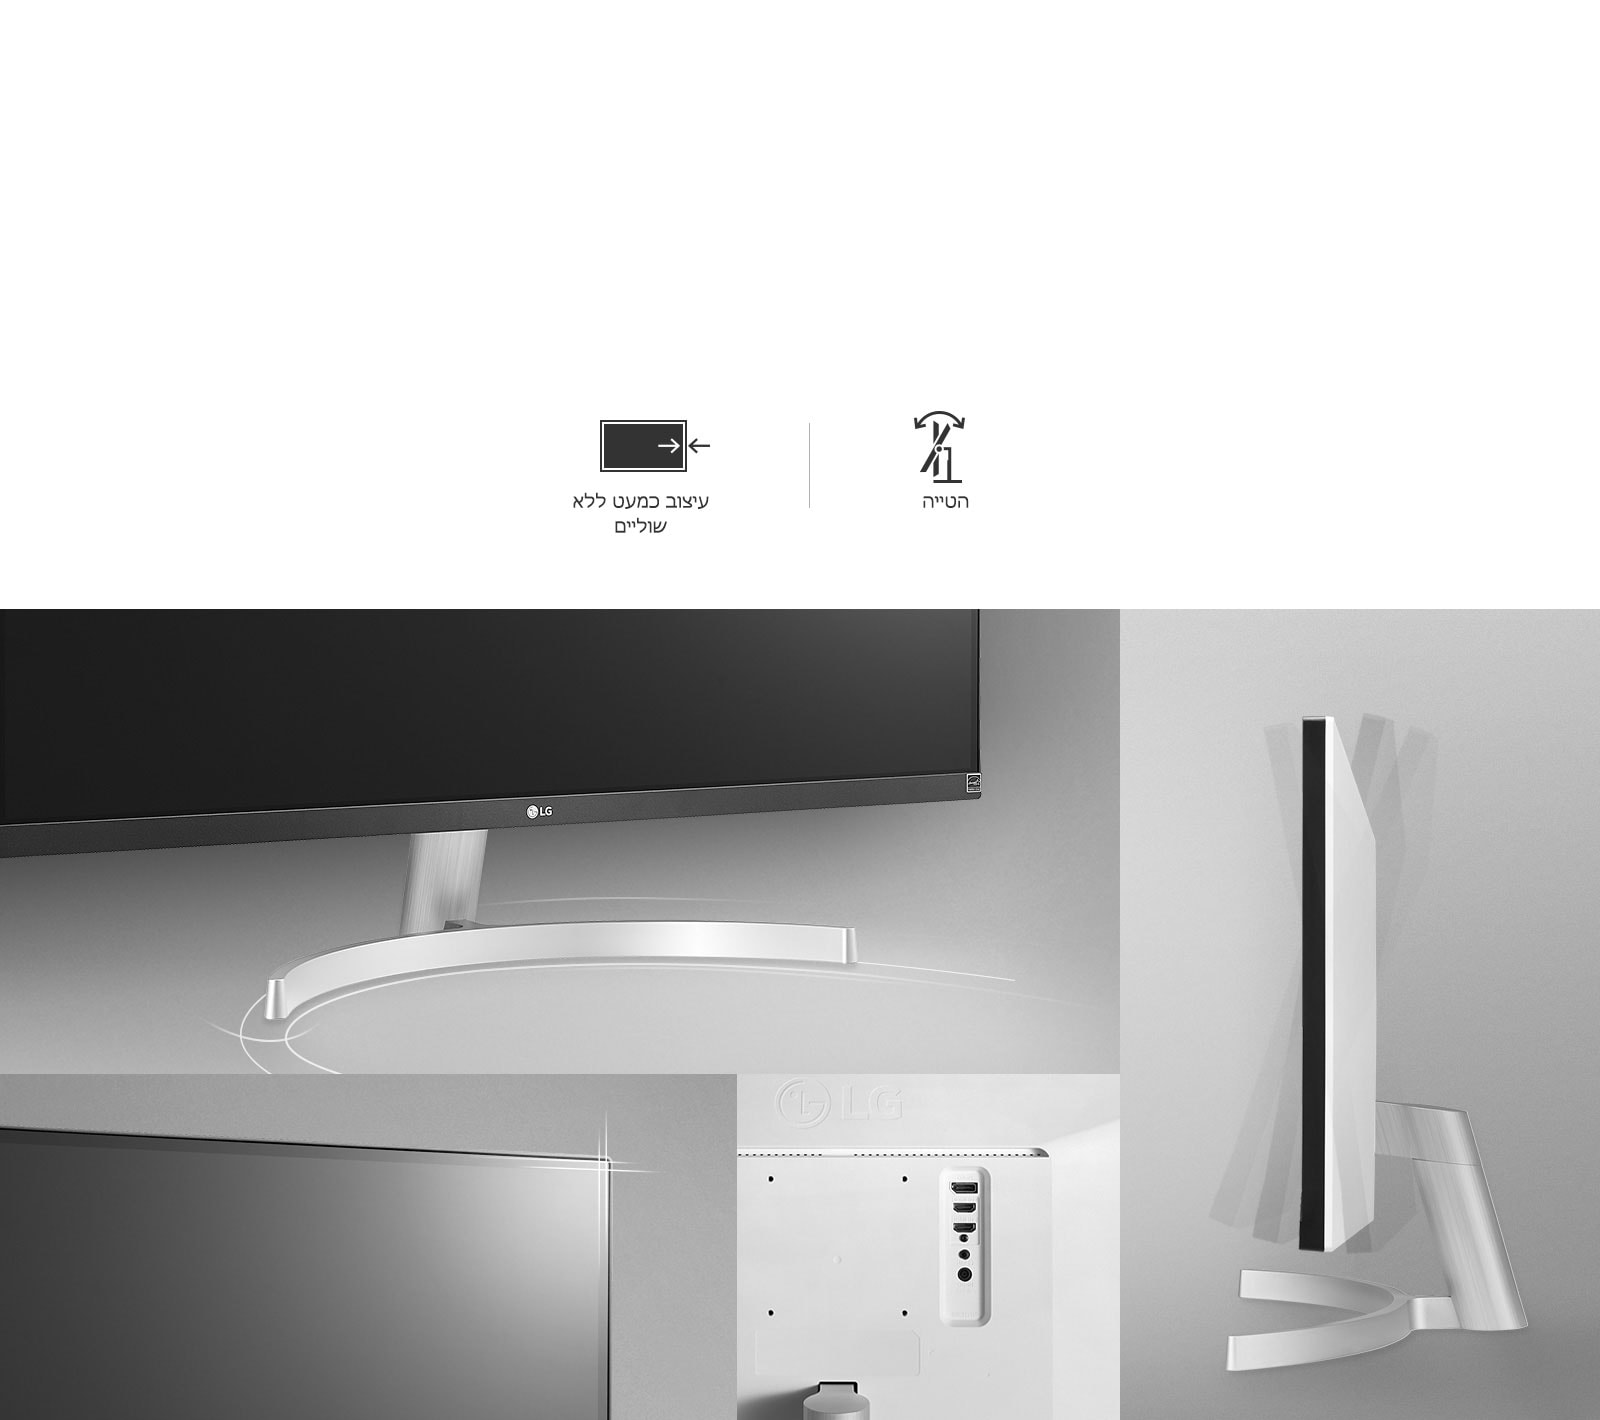 עיצוב ארגונומי עם עיצוב כמעט ללא שוליים והטייה.